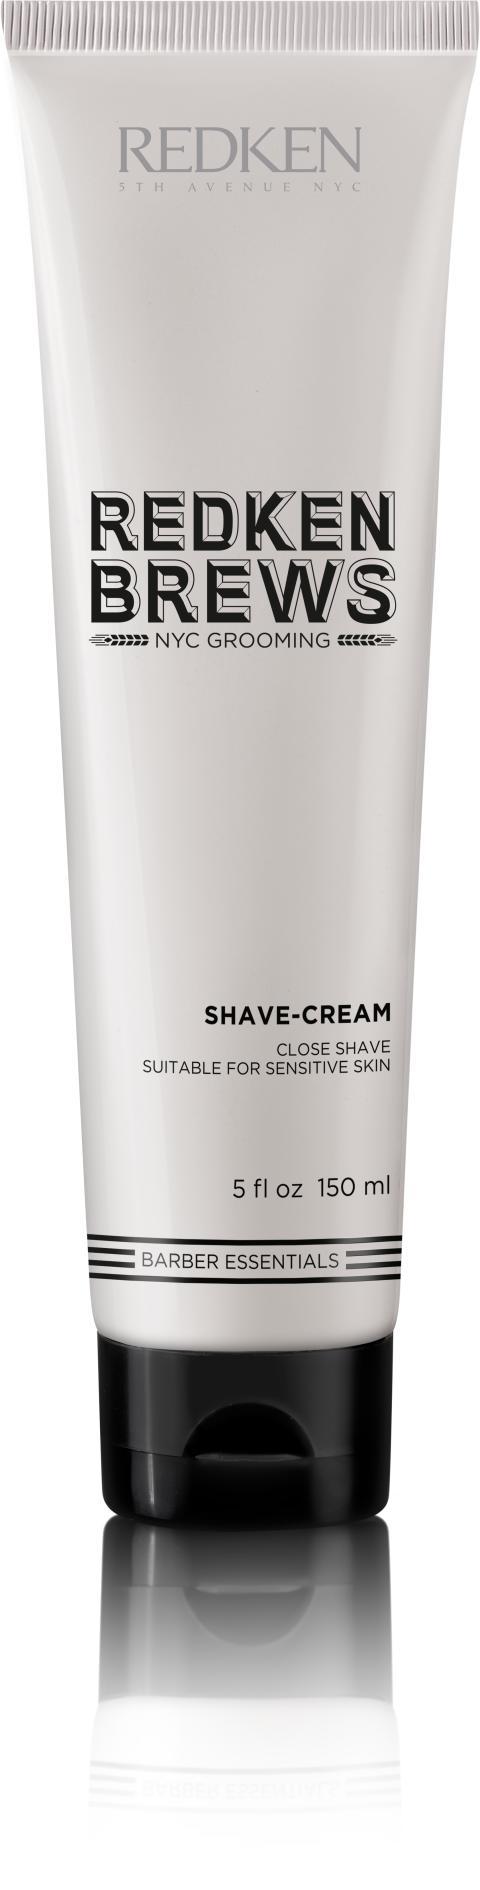 RedkenBrews_Skin_ShaveCream_250 SEK